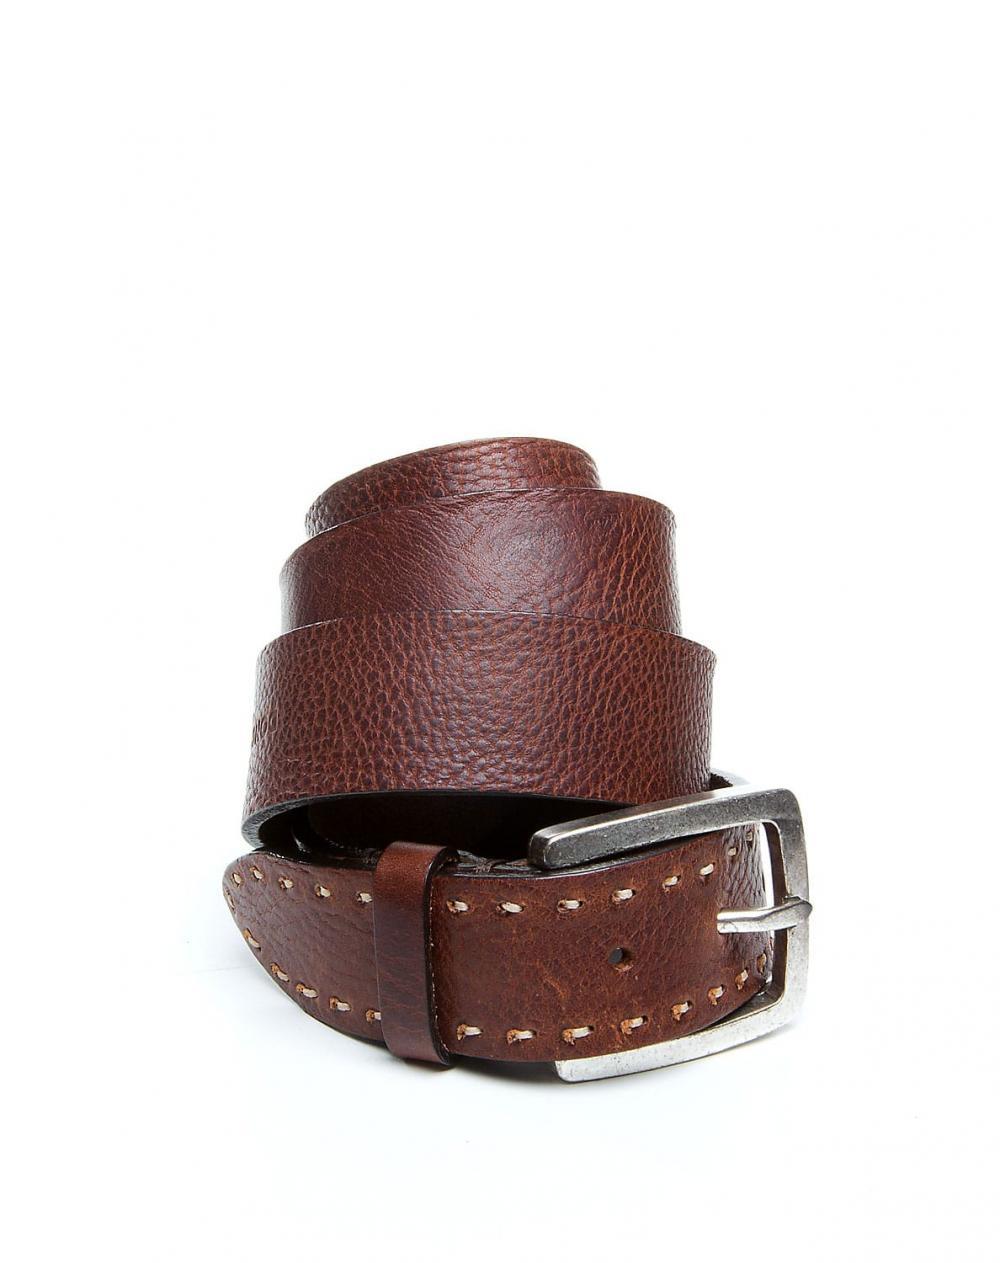 Hendry Belt